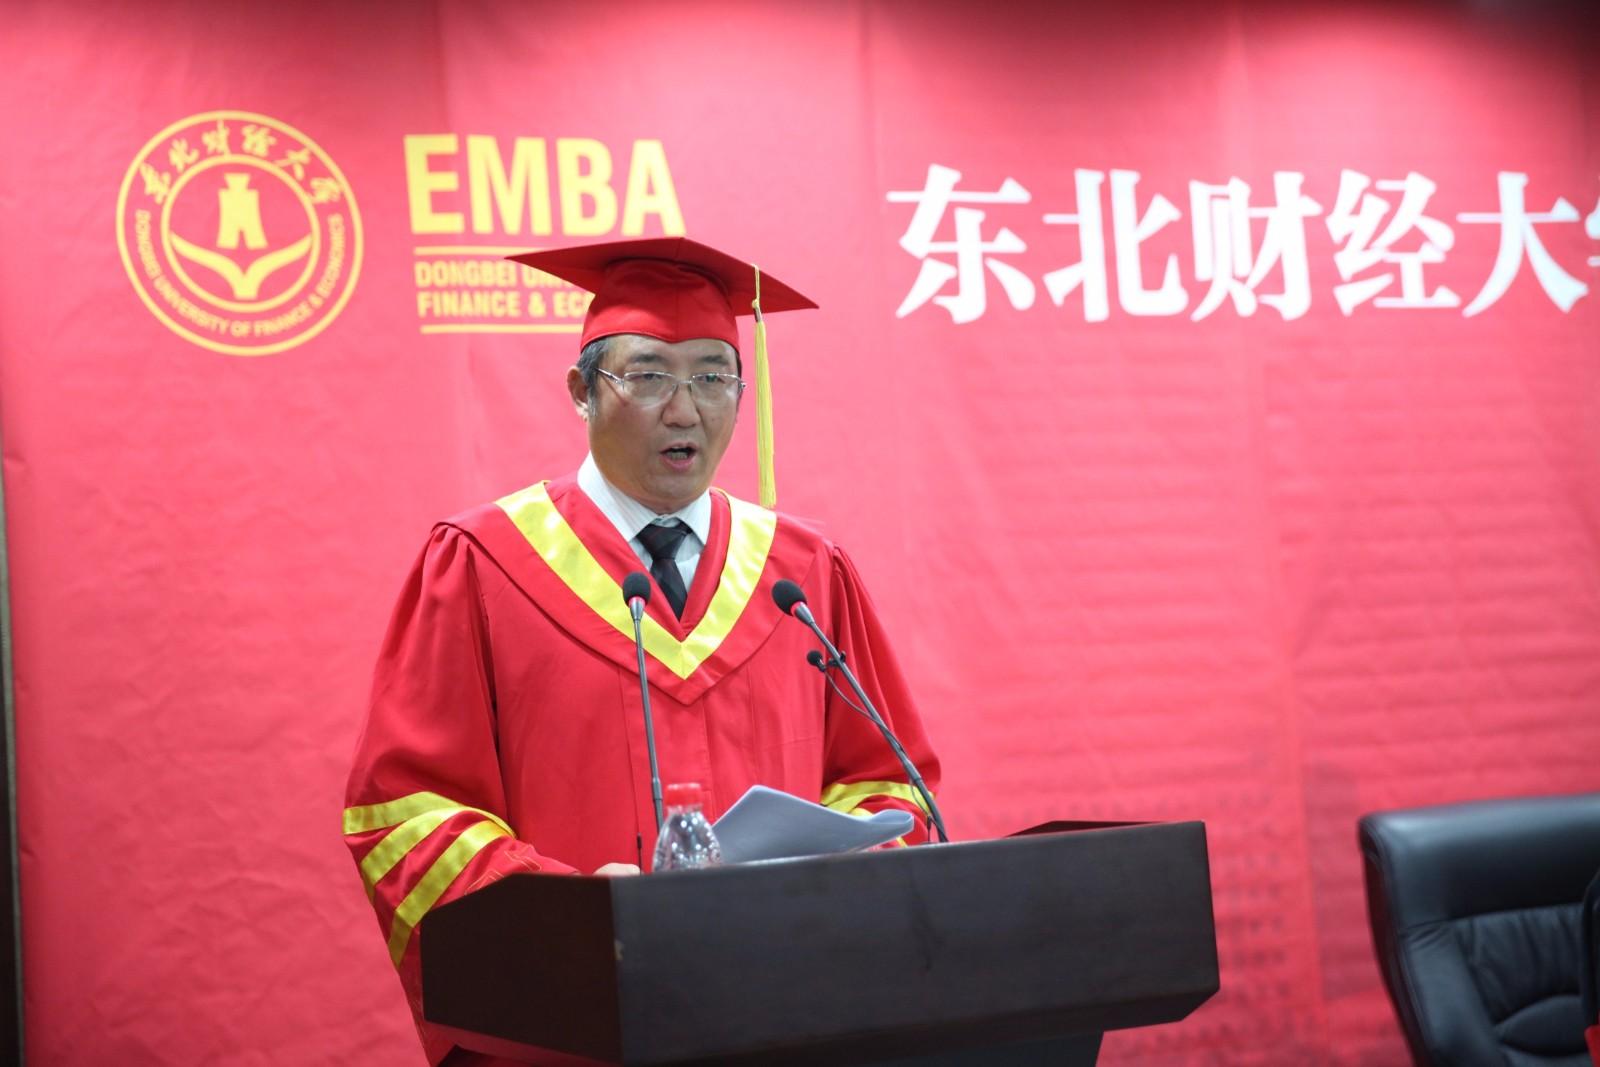 东北财经大学2015级EMBA学位授予仪式-东北财经大学2015级EMBA学位授予仪式